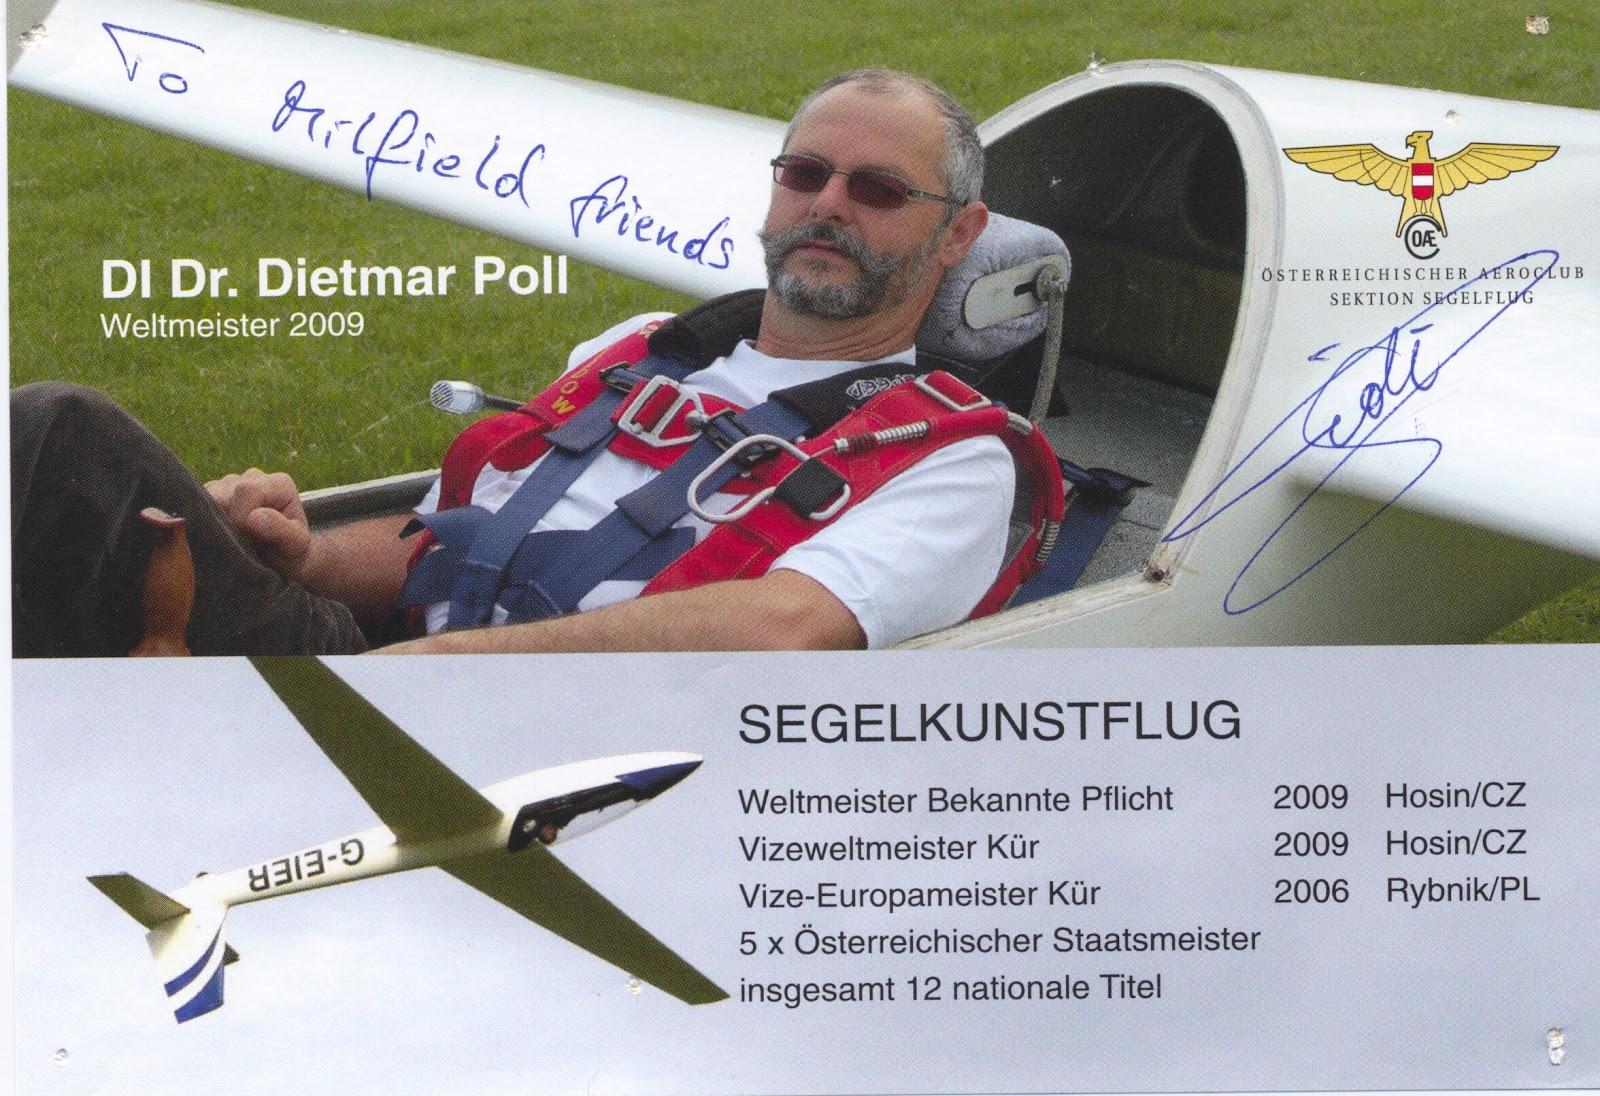 Dietmar_Poll_small.jpg